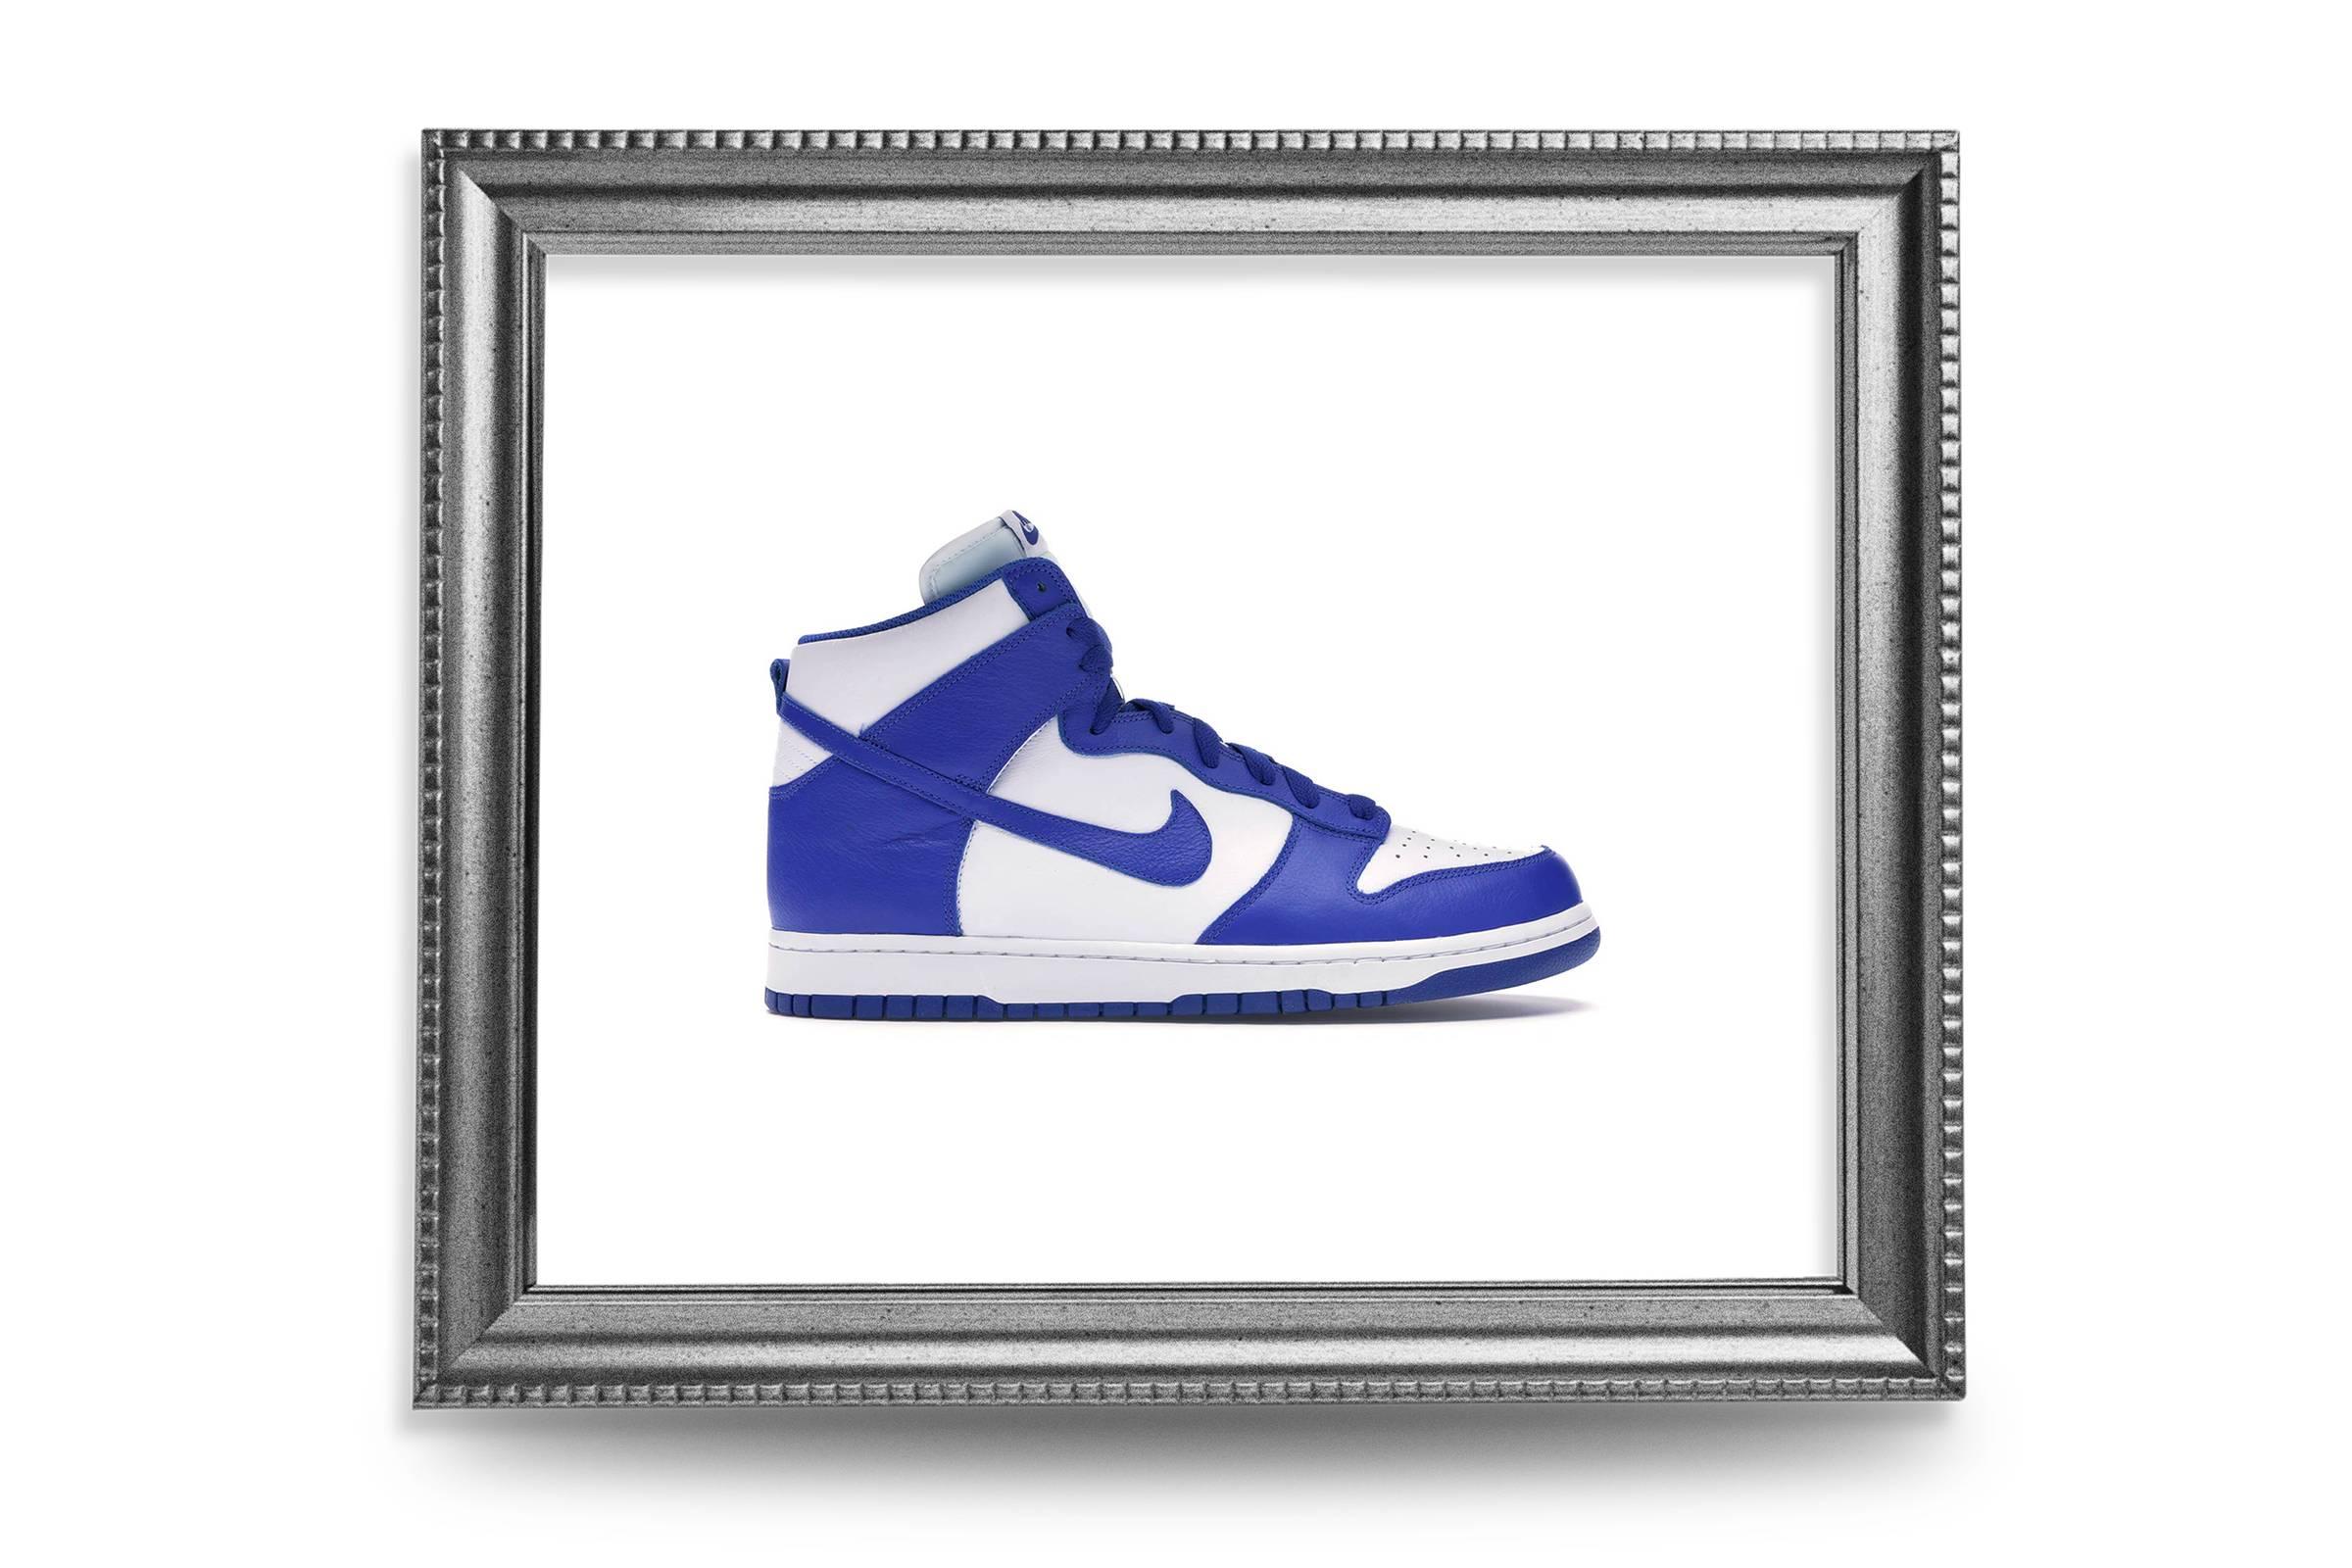 Sneaker Stories: Week of June 14, 2020